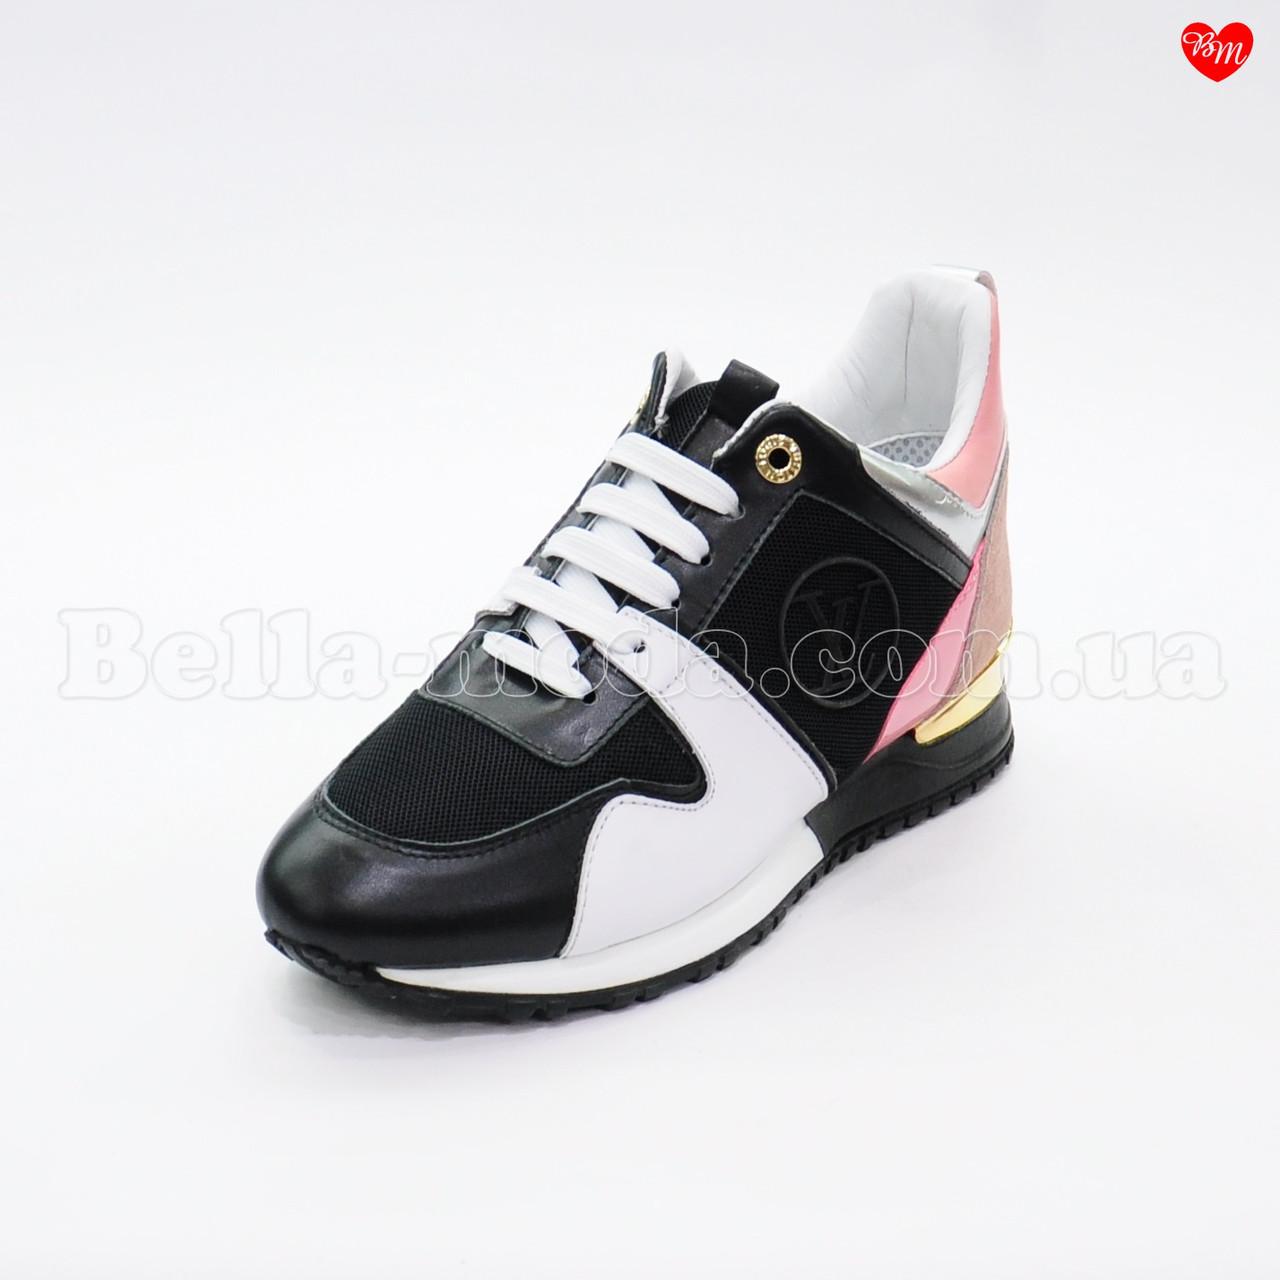 a9731d9ea8c8 Купить Женские кожаные кроссовки Louis Vuitton в розницу от интернет ...